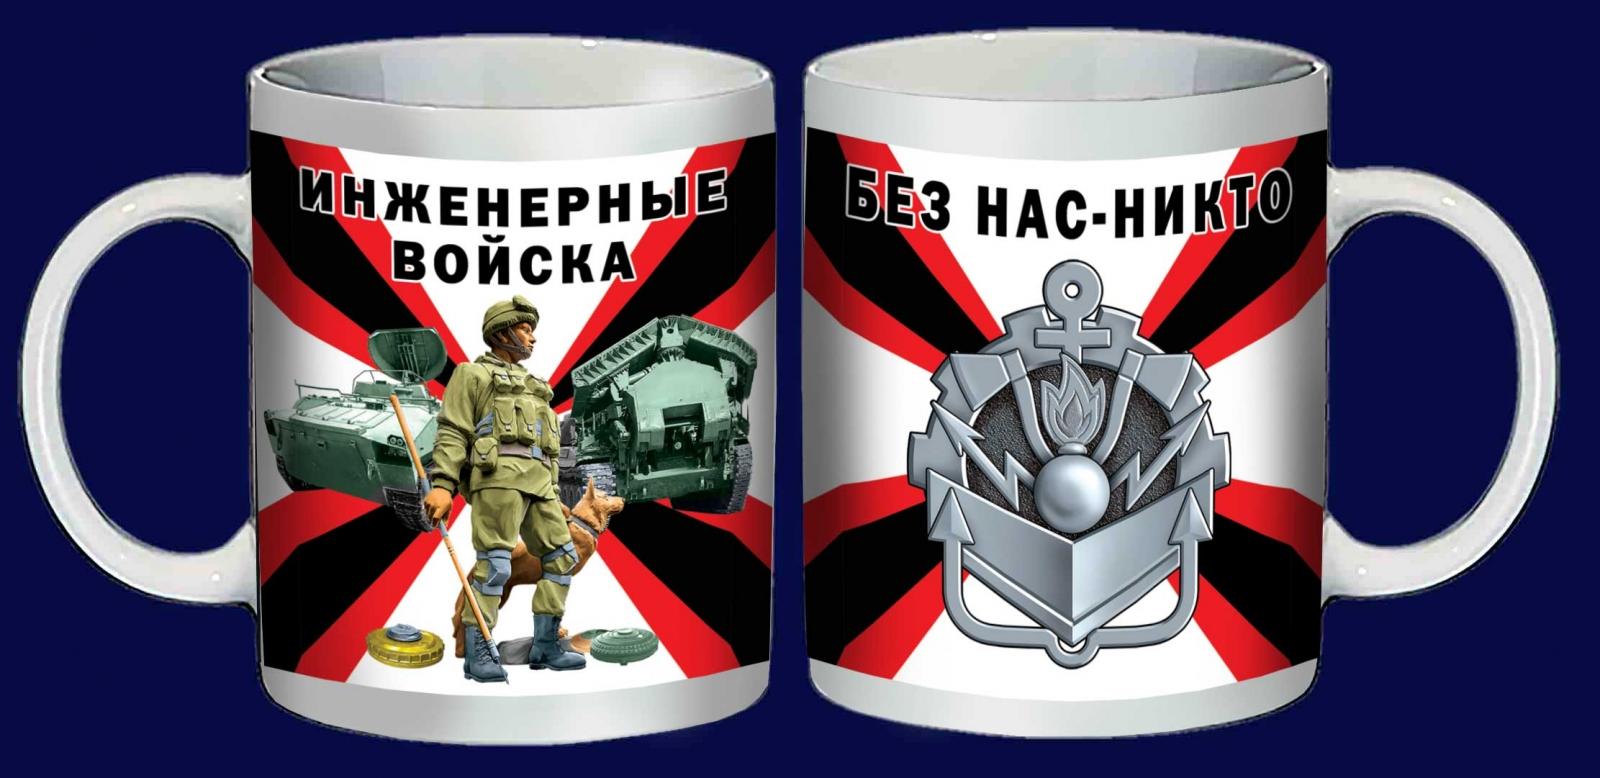 Кружка с символикой Инженерных войск